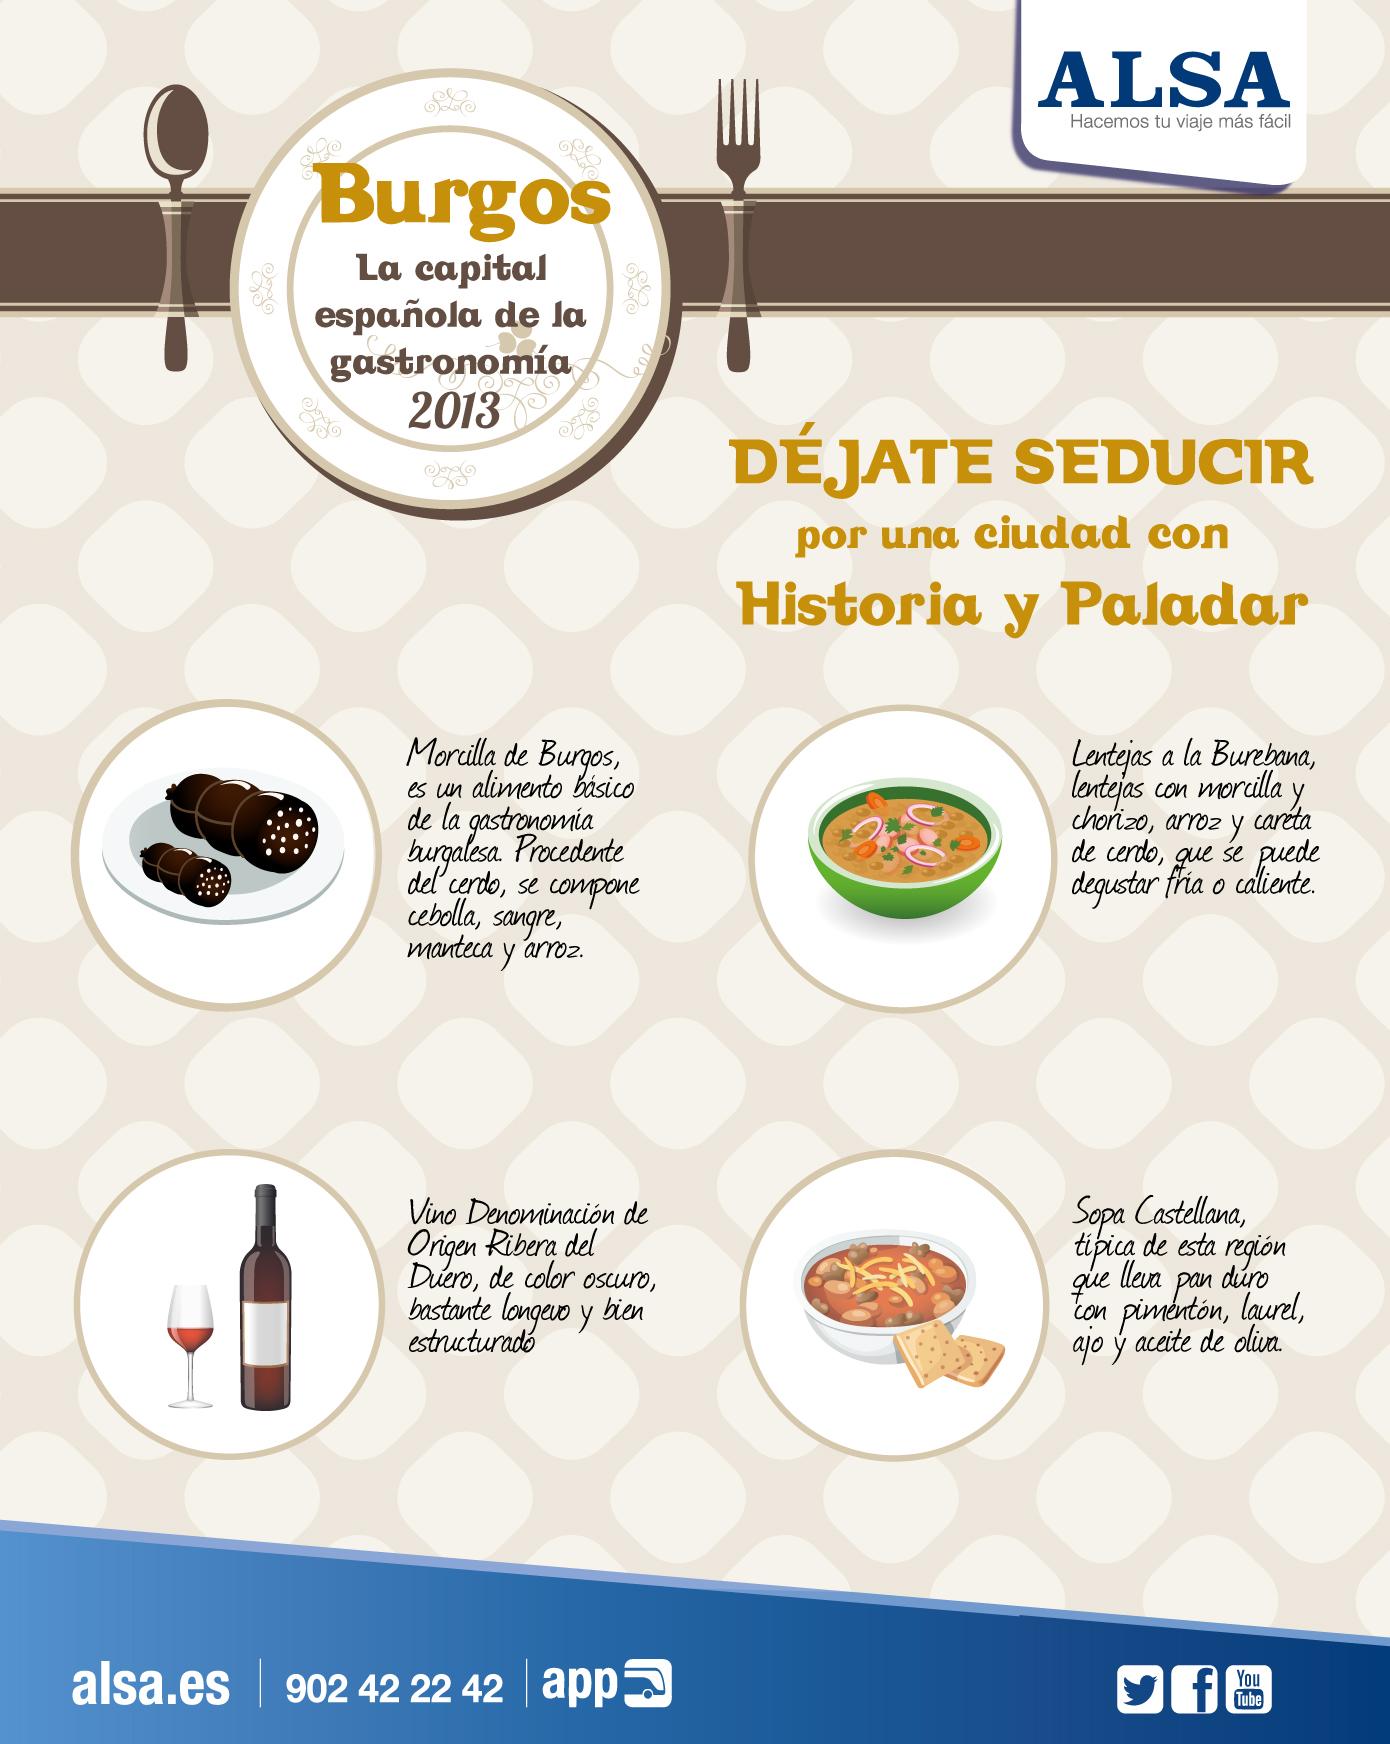 Burgos, capital de la gastronomía 2013